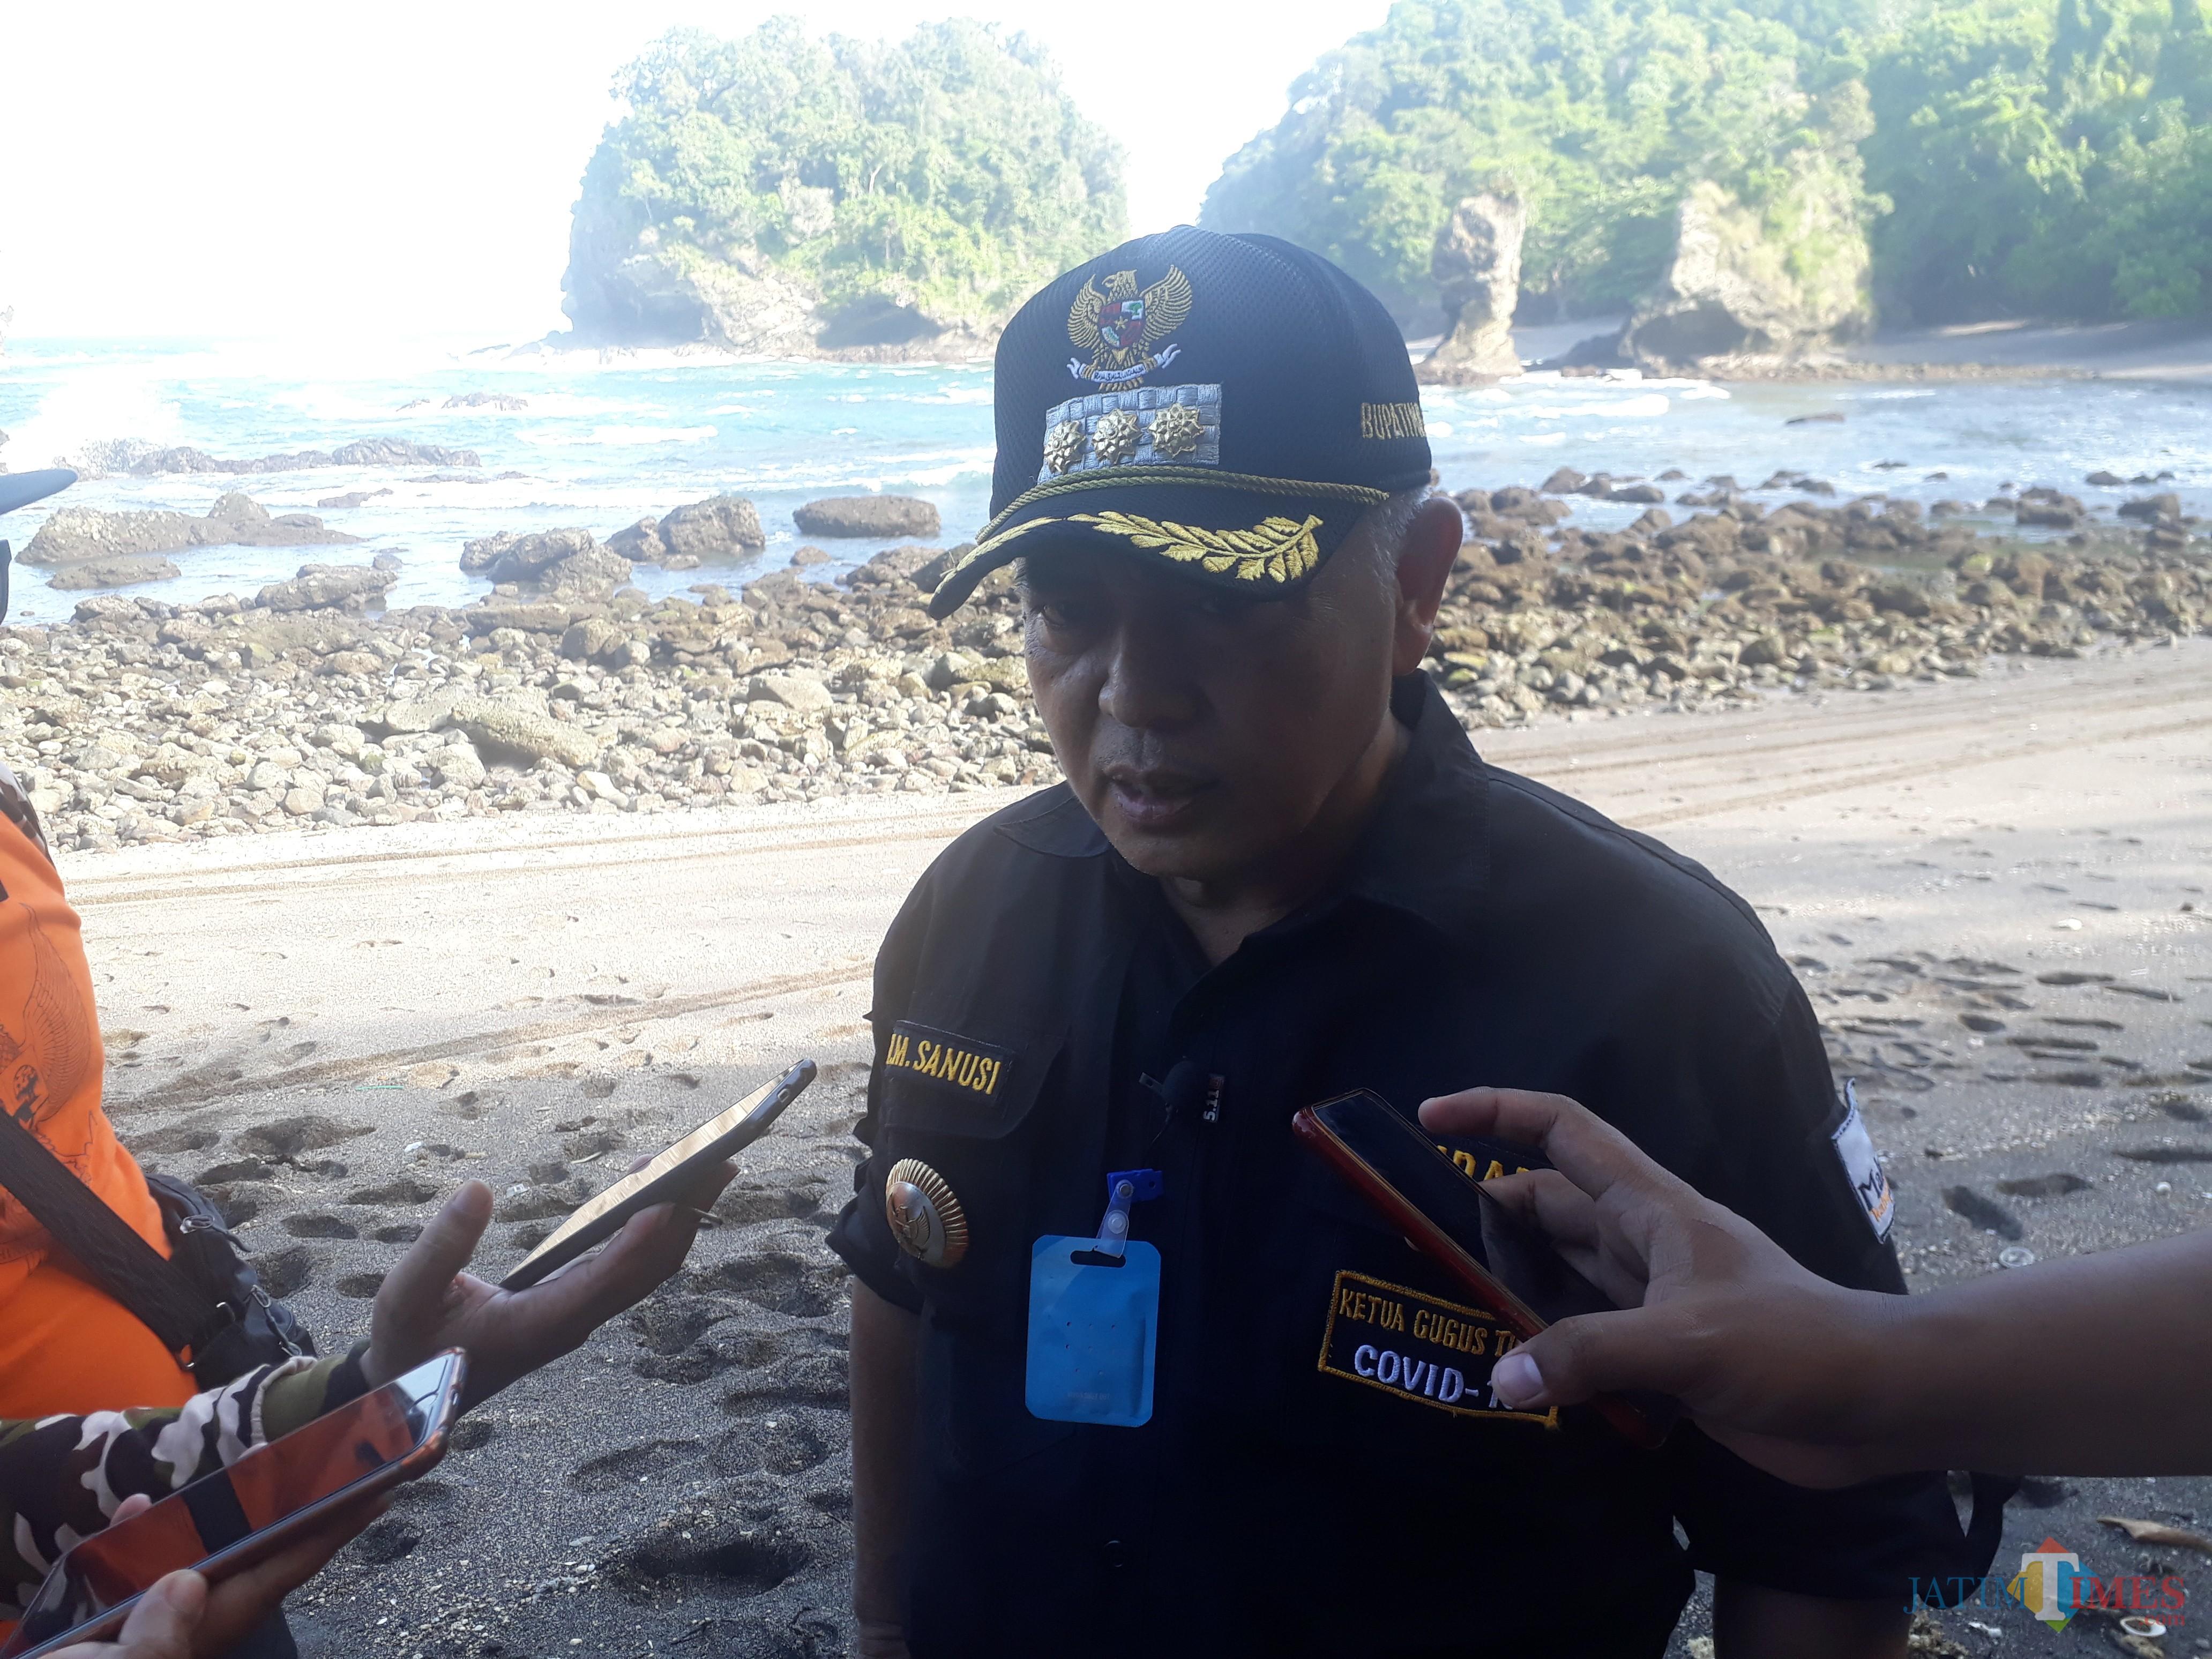 Wisata Terdampak Covid 19 Kabupaten Malang Lakukan Perbaikan Infrastruktur Jatim Times